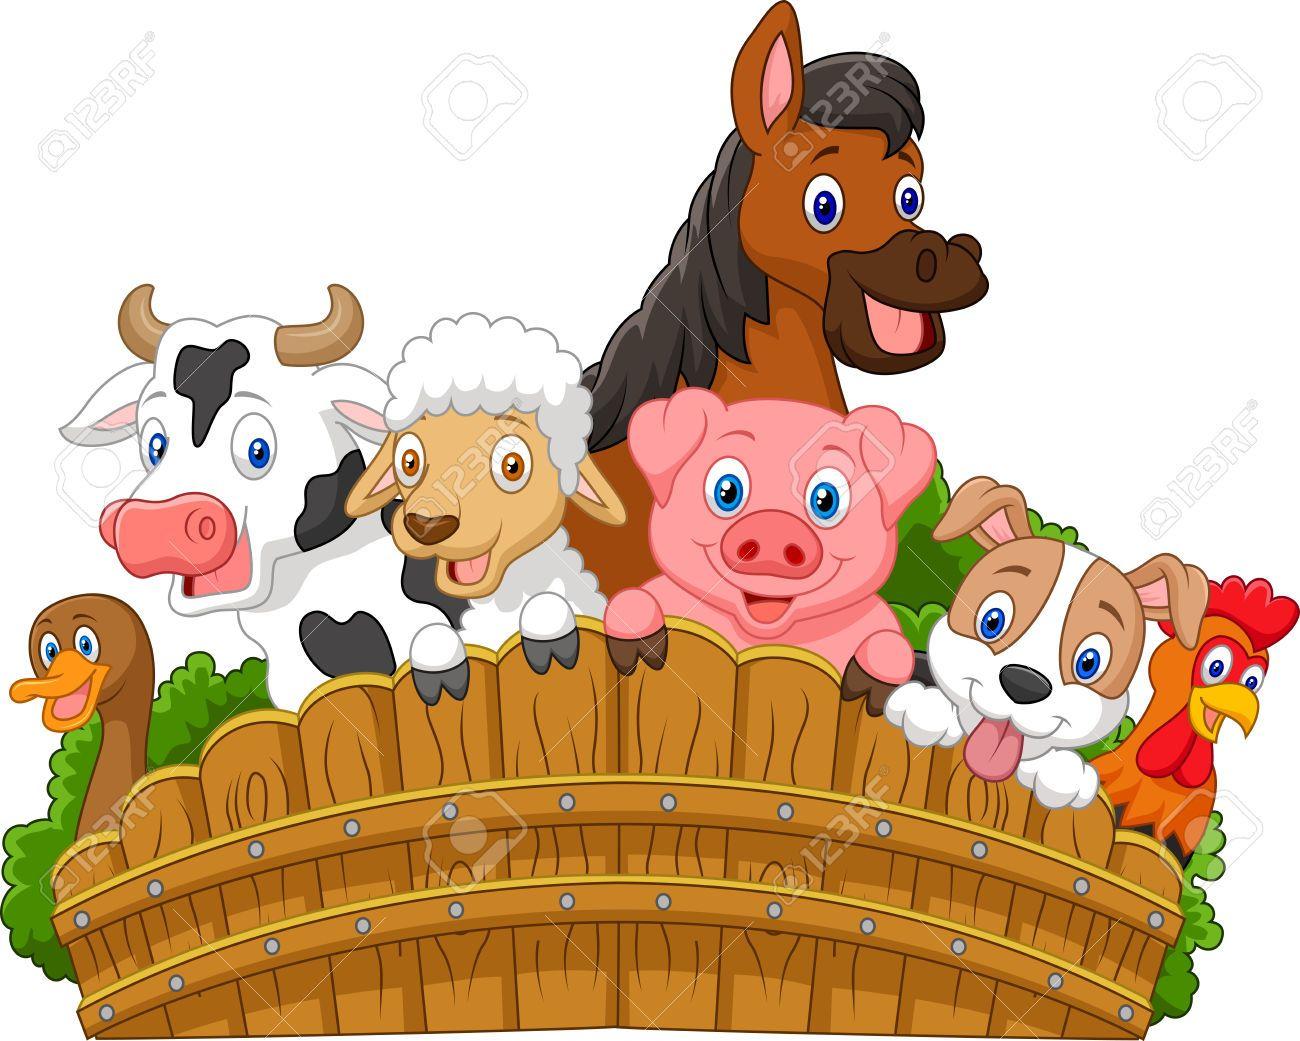 animales de la granja - Buscar con Google (con imágenes ...